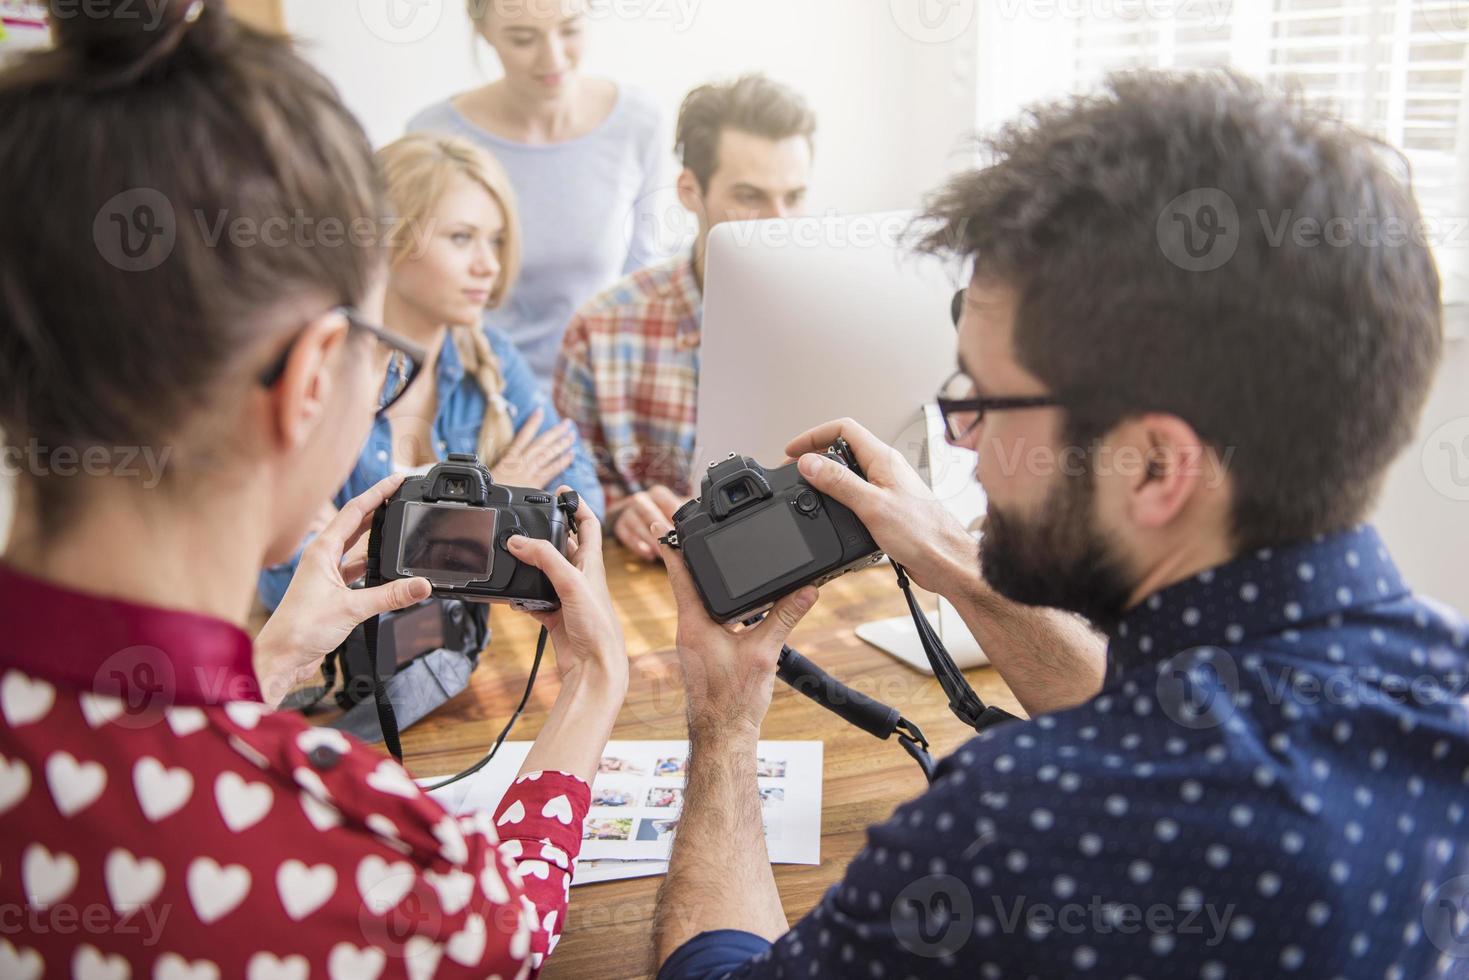 fotografisk utrustning är mycket viktigt i vårt arbete foto